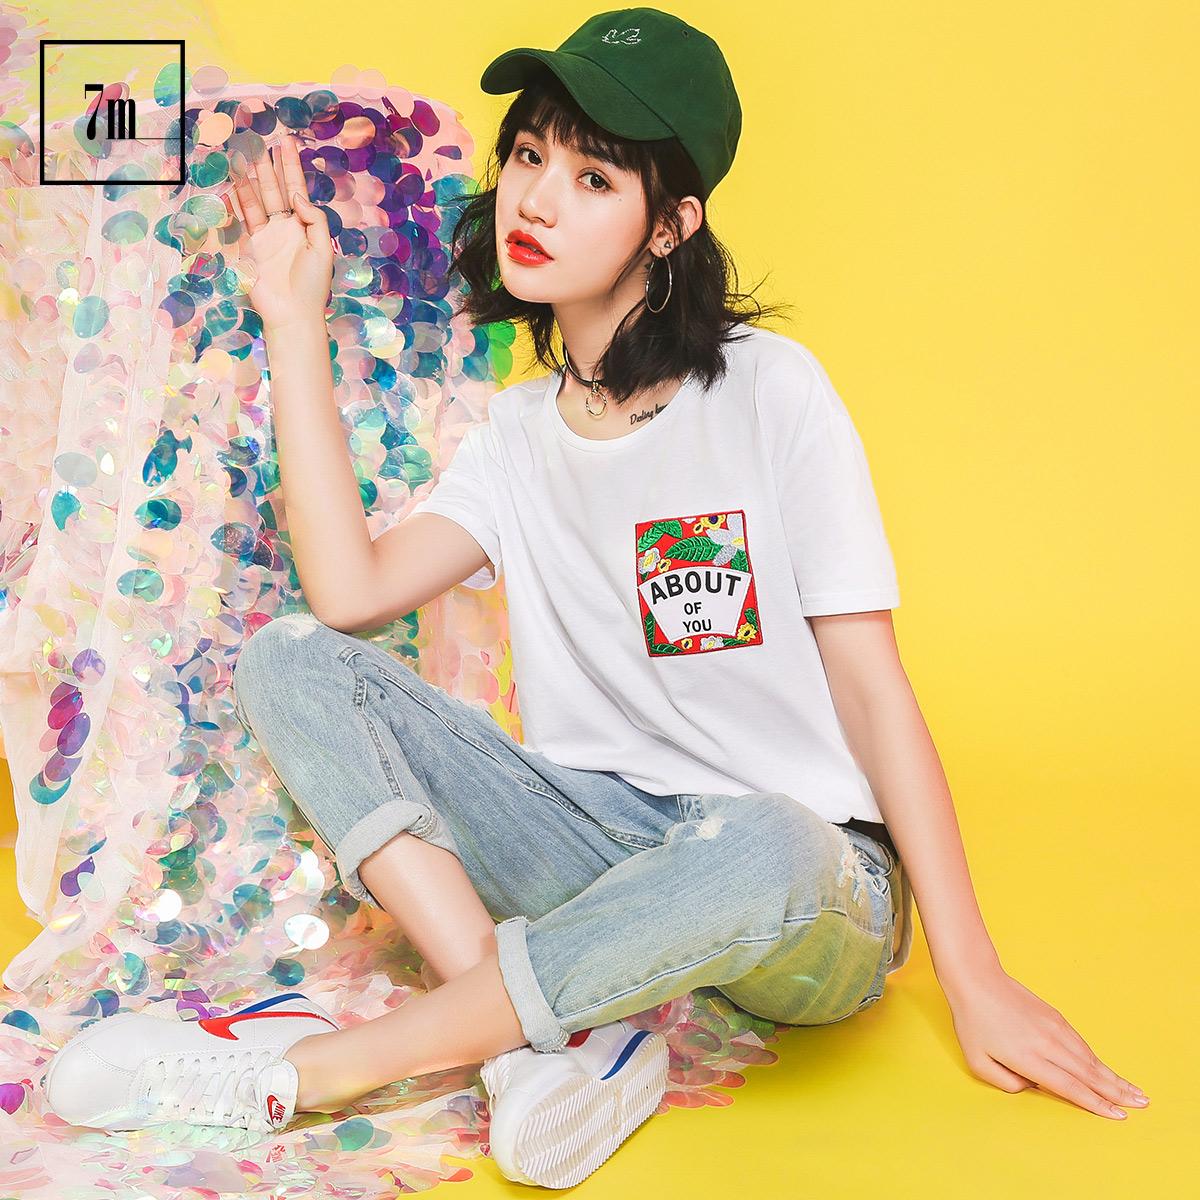 宽松上衣拉夏贝尔7m2017夏季新款韩版含棉印花开叉圆领短袖T恤女